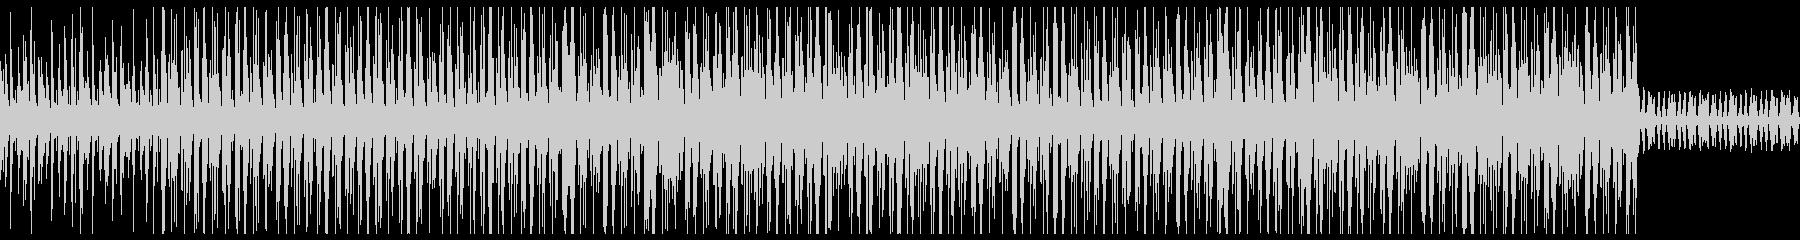 ダーク 洋楽 トラップビートの未再生の波形